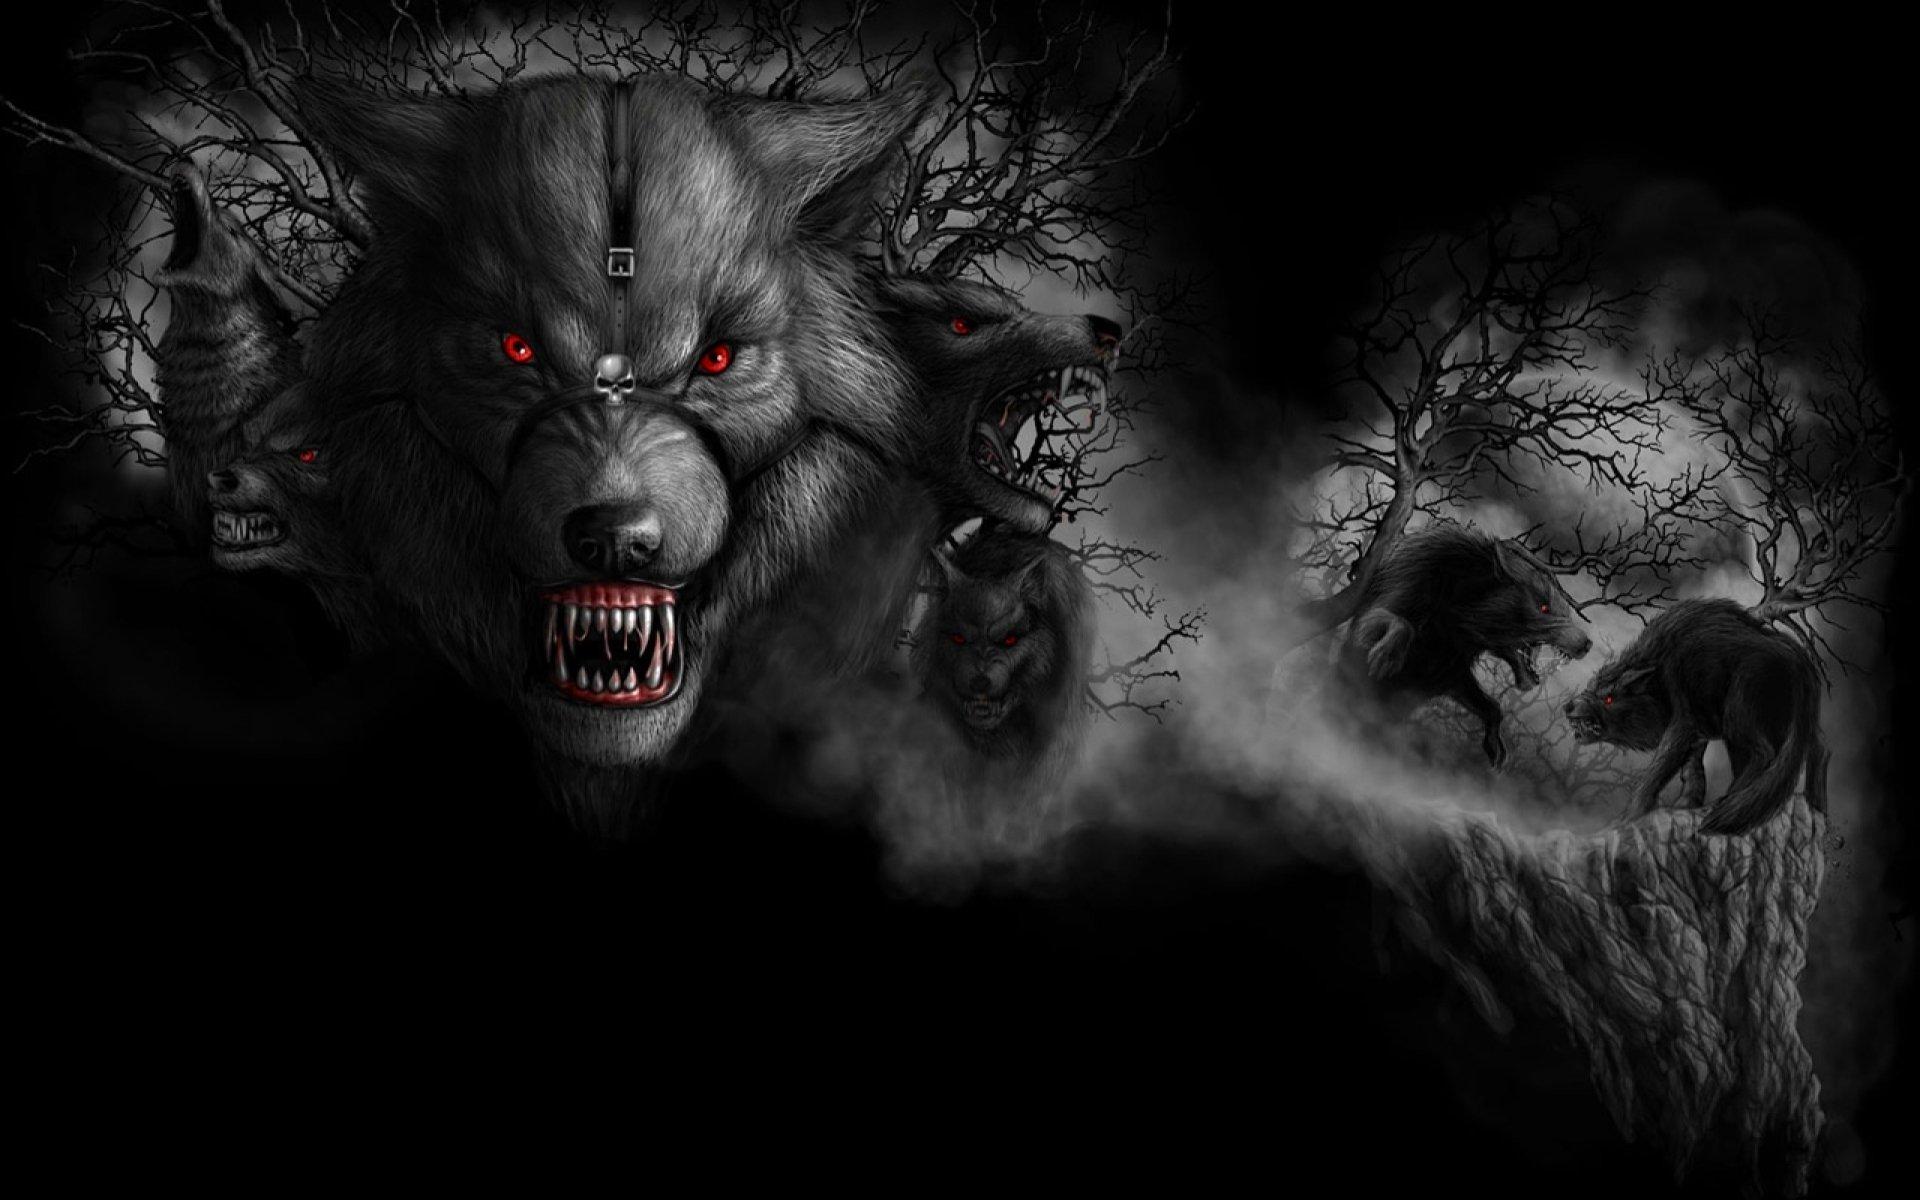 Обои на телефон волки злые